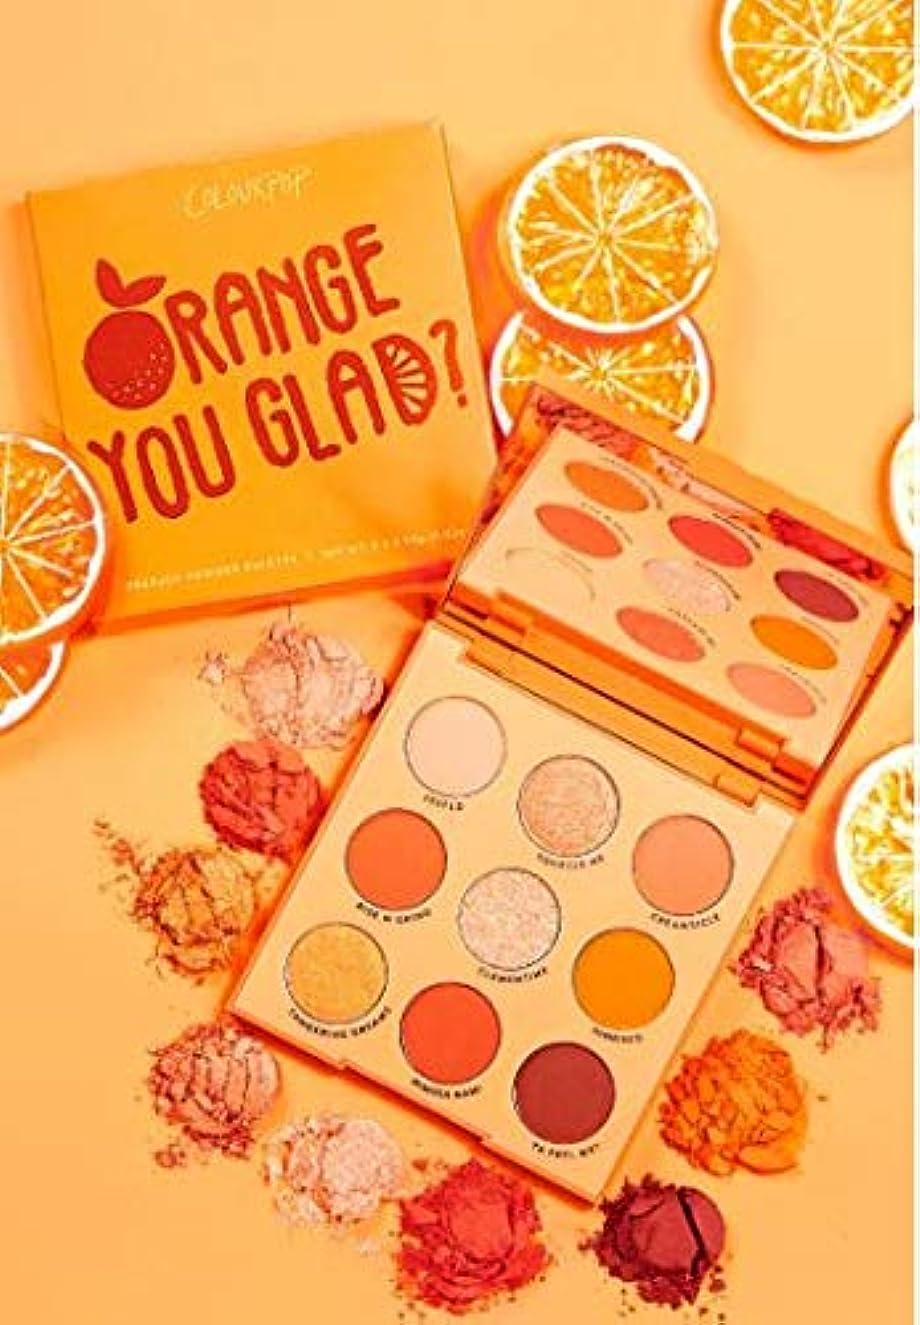 癌カテゴリー物質カラーポップ (ColourPop) ORANGE YOU GLAD オレンジアイシャドウパレット